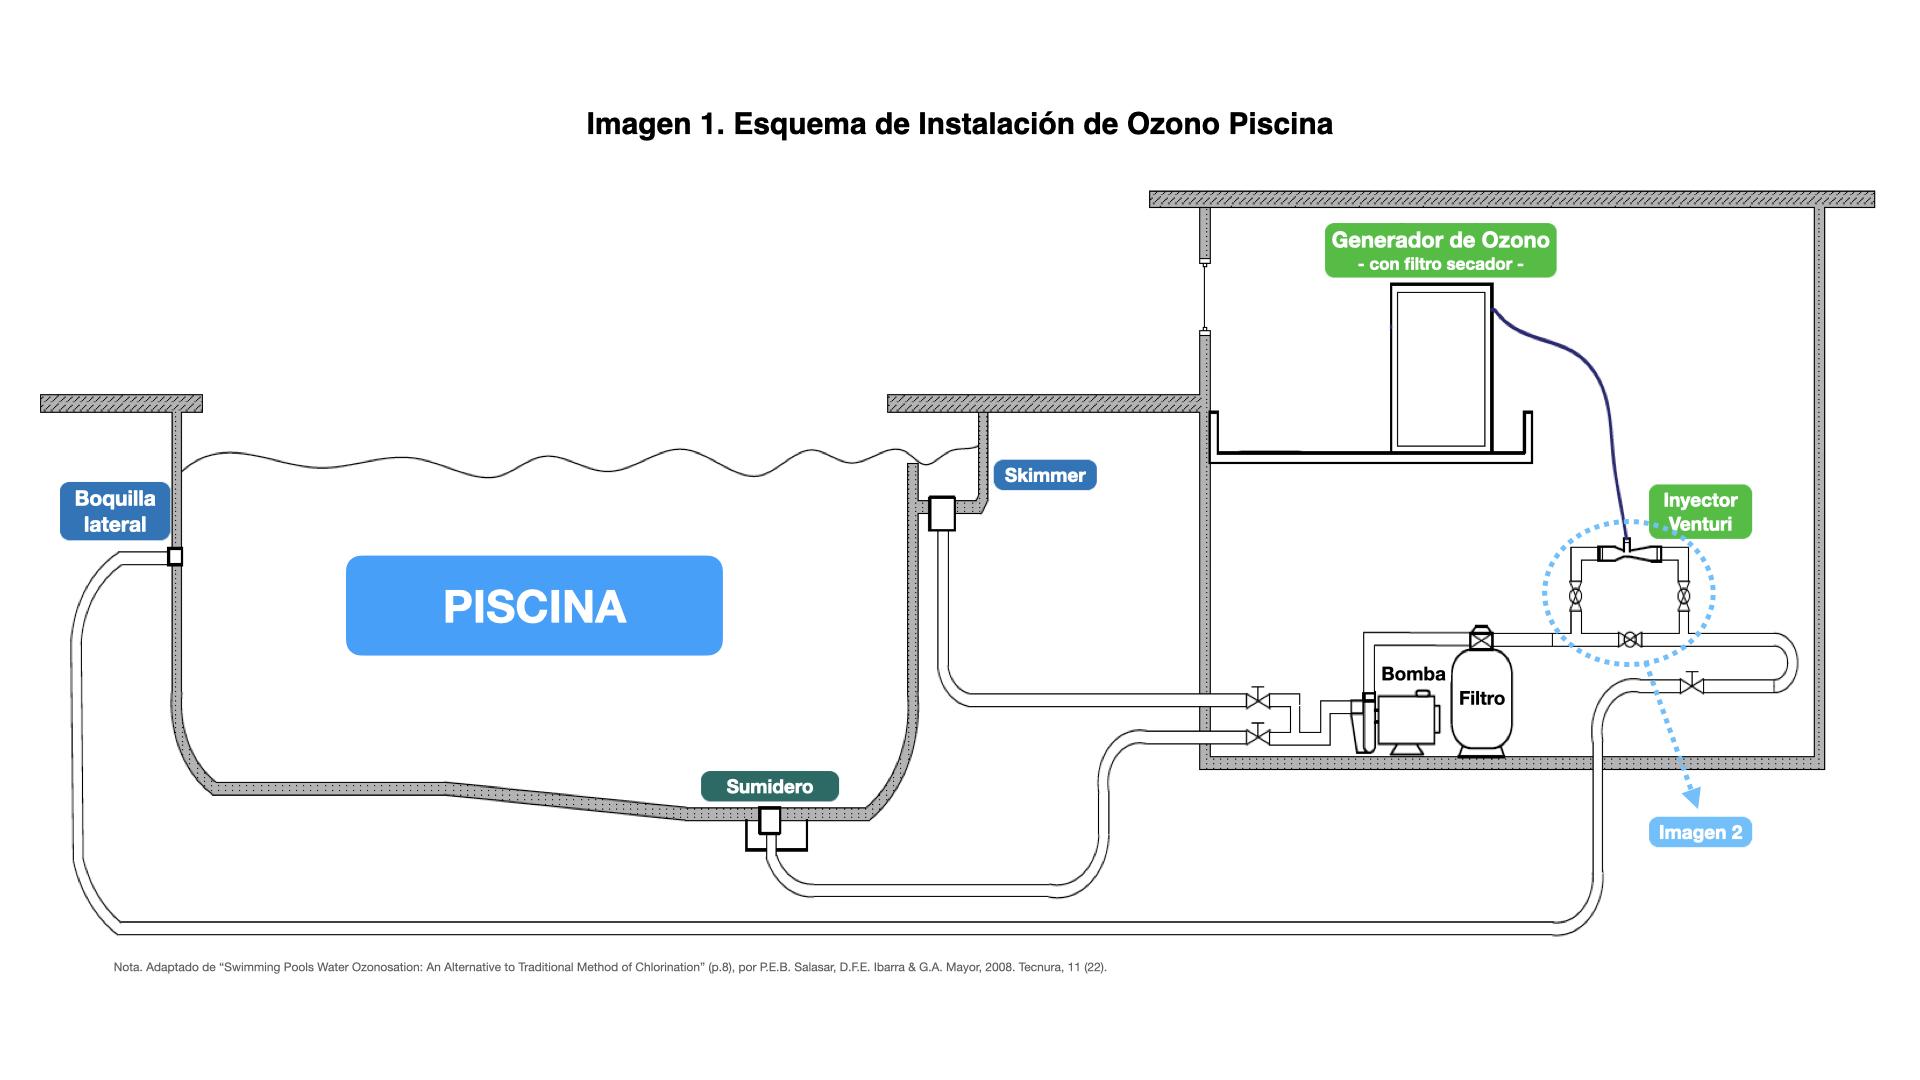 Esquema de Instalación de Ozono Piscina